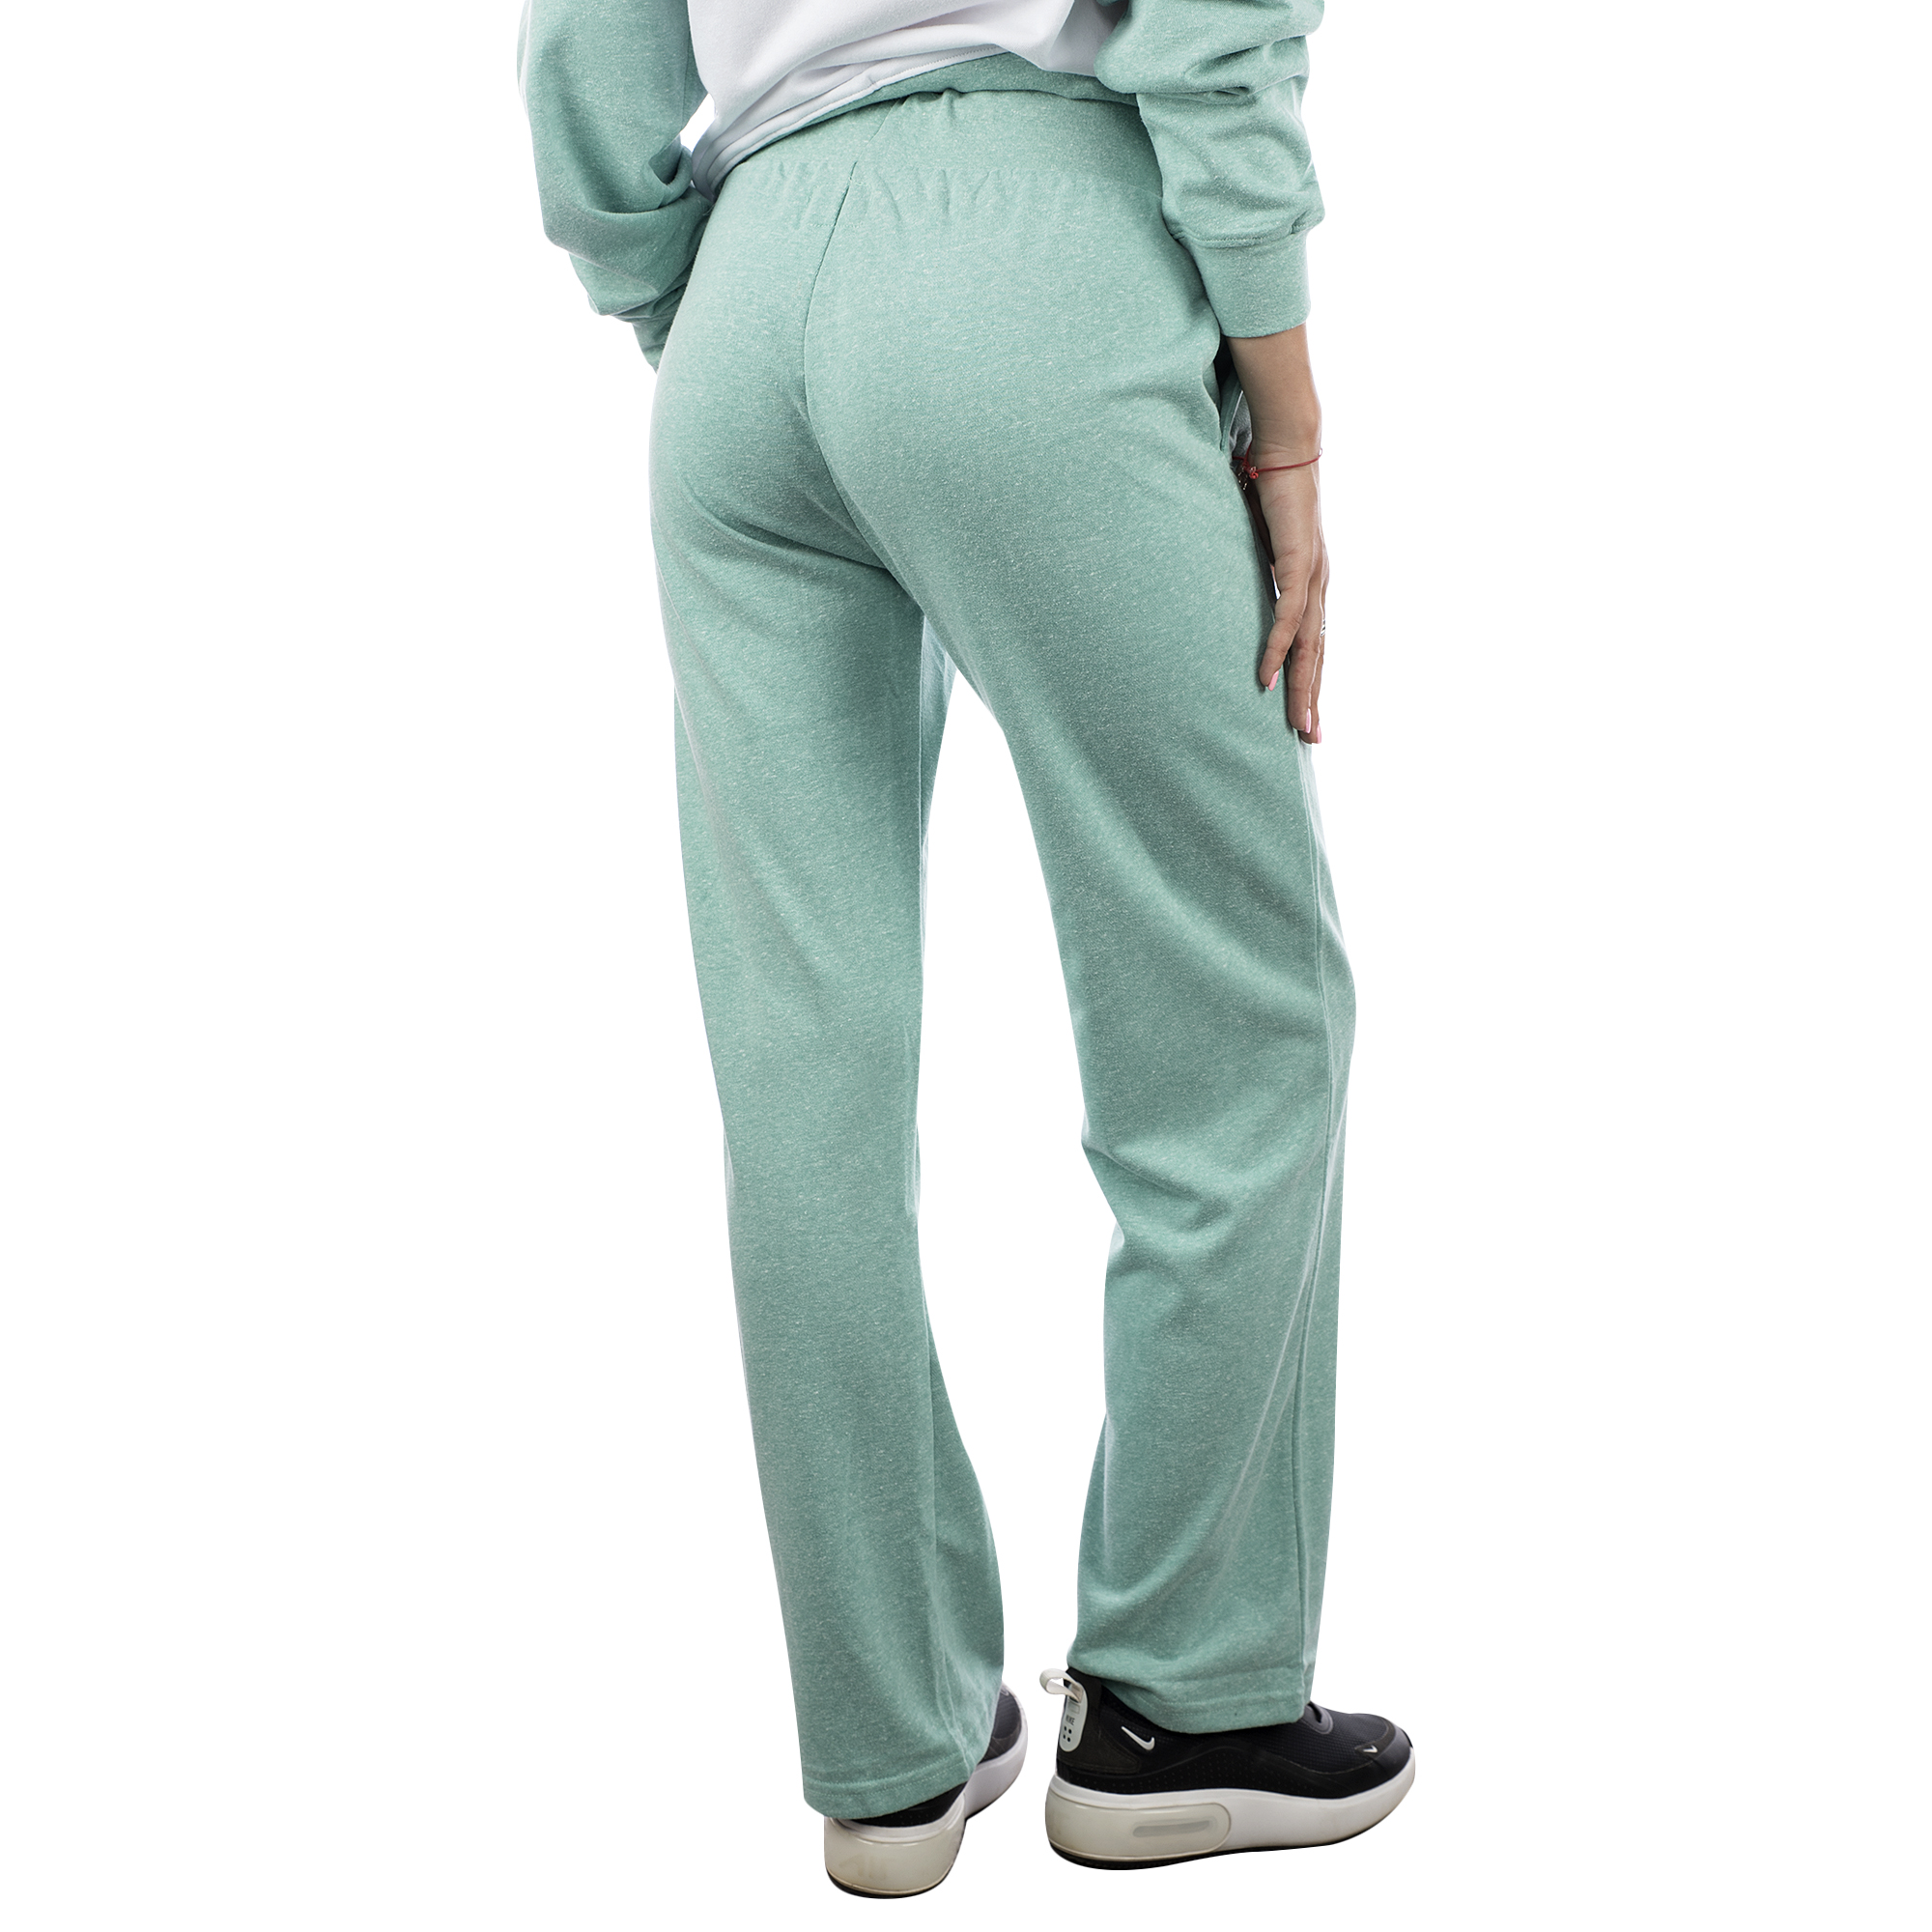 Удобен спортен дамски панталон INTIMUSE 11879, тюркоаз, размер L